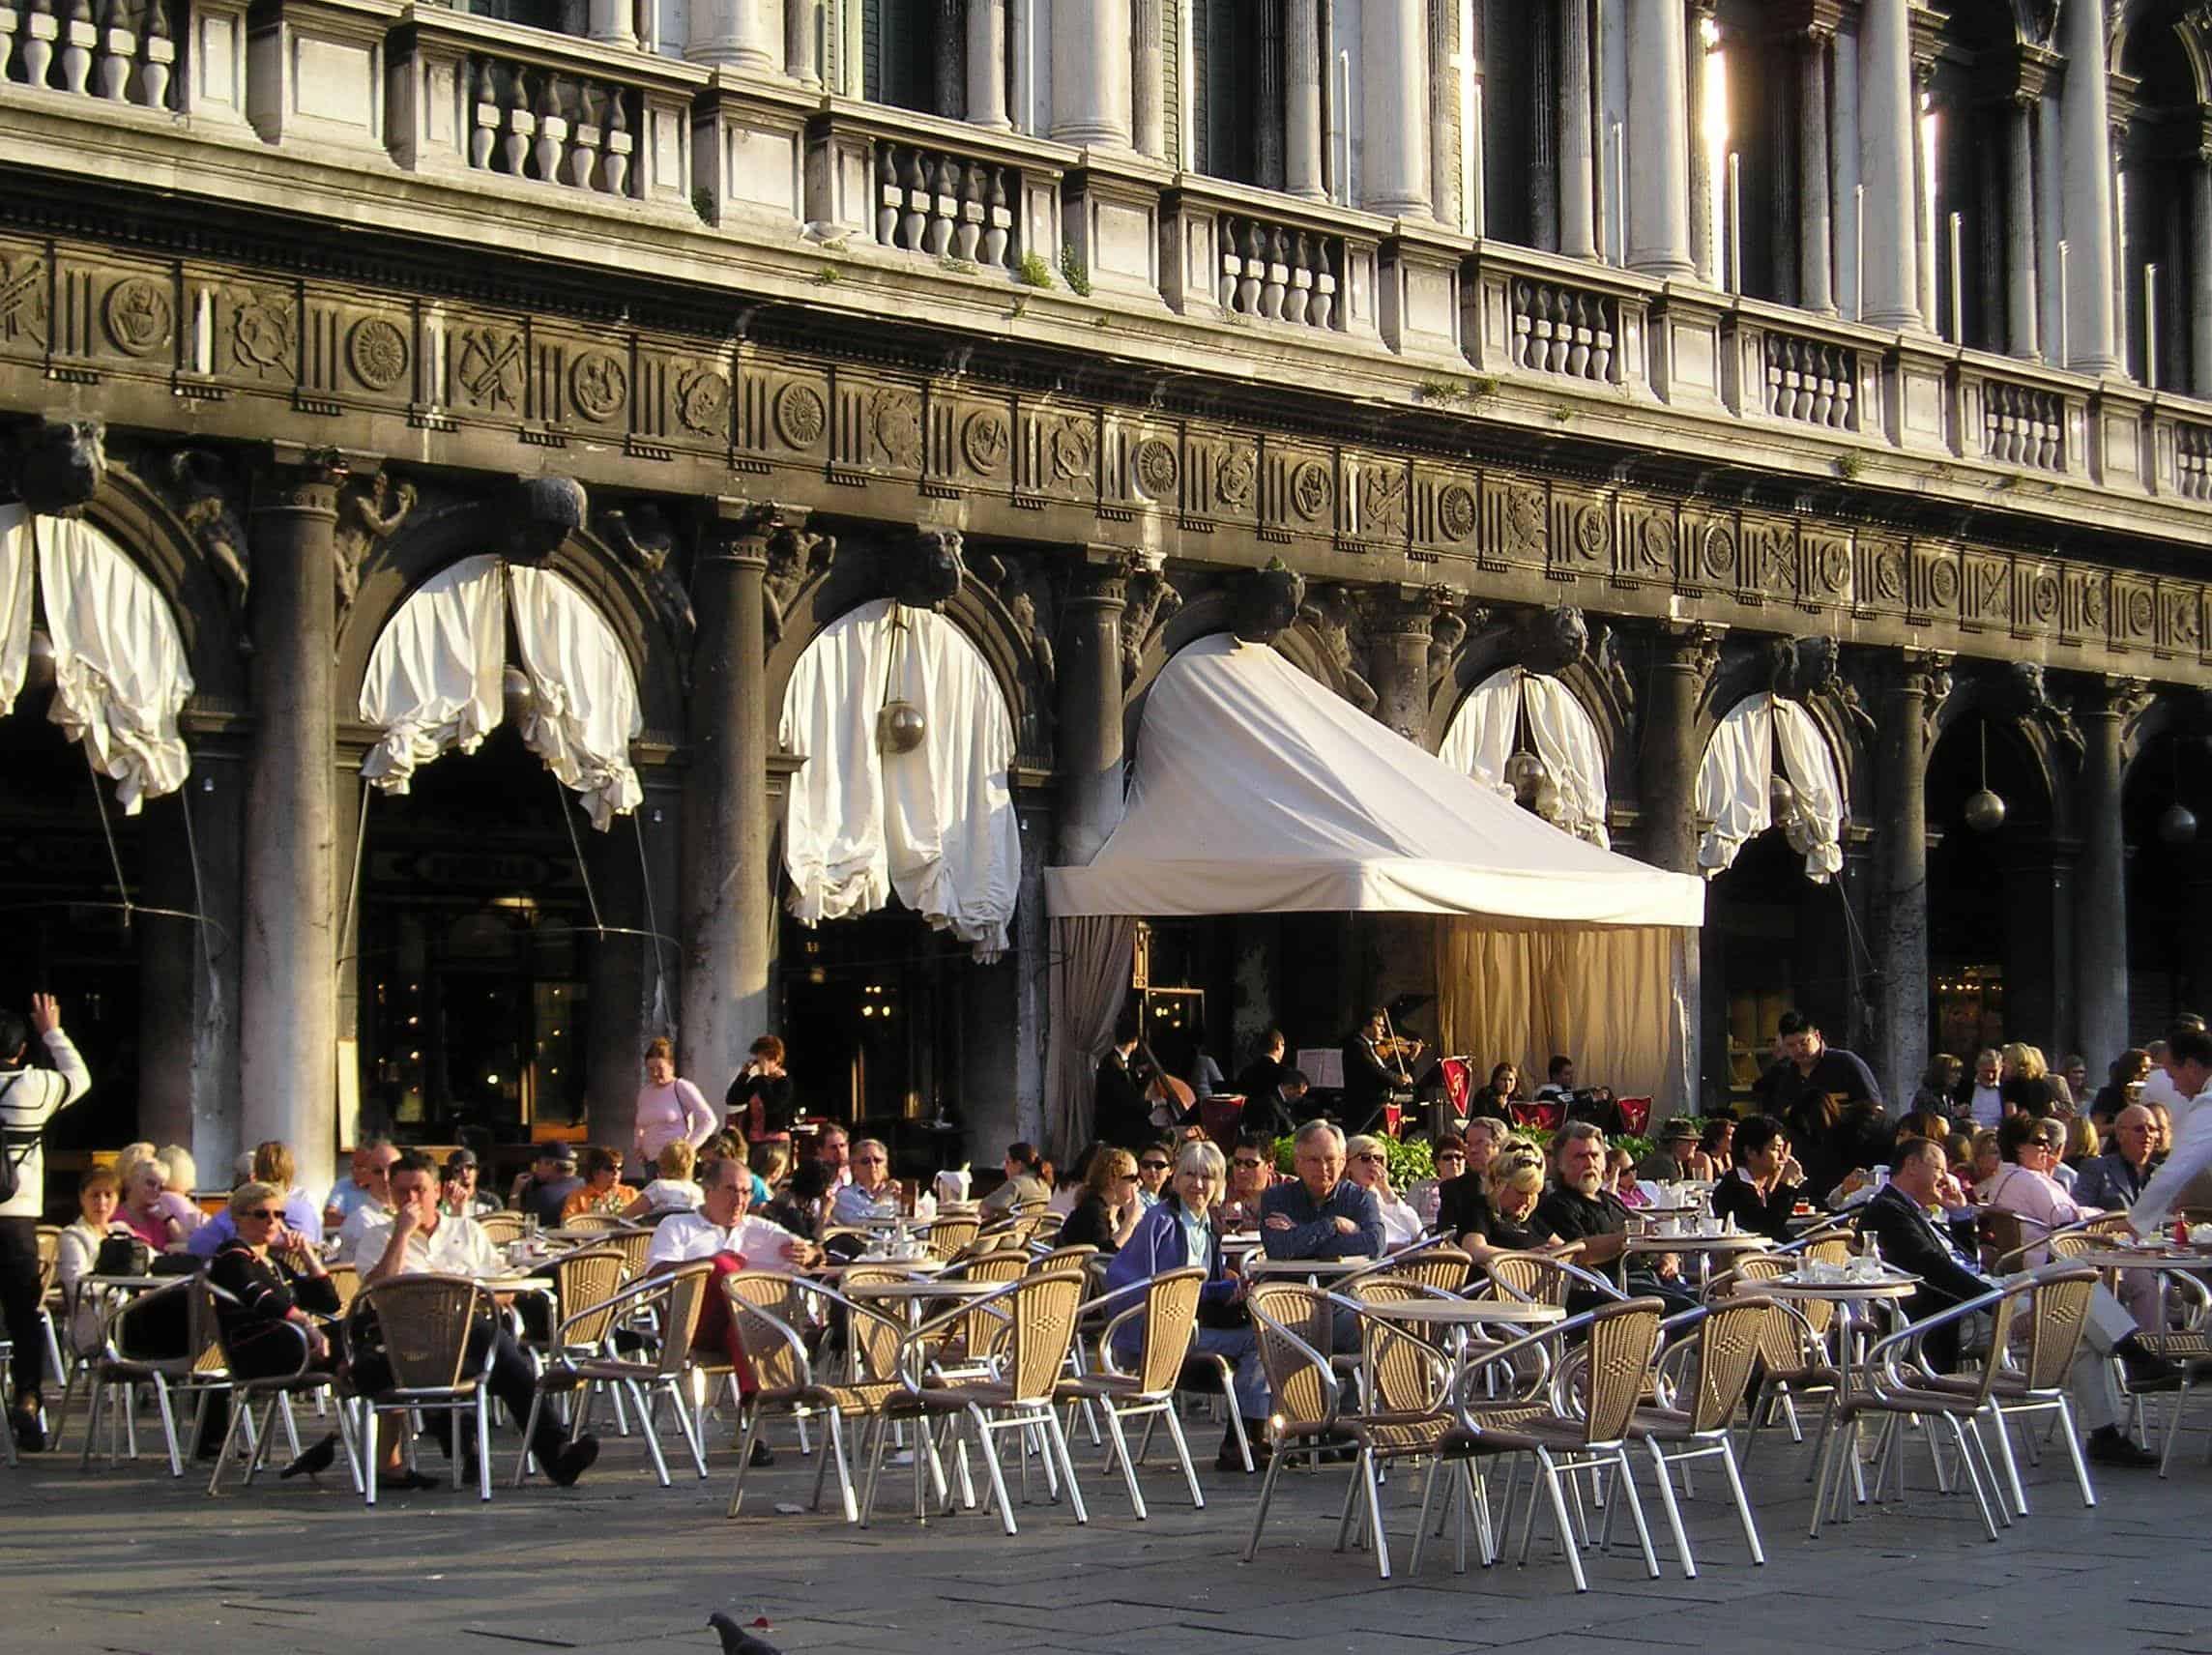 caffe-florian-venice